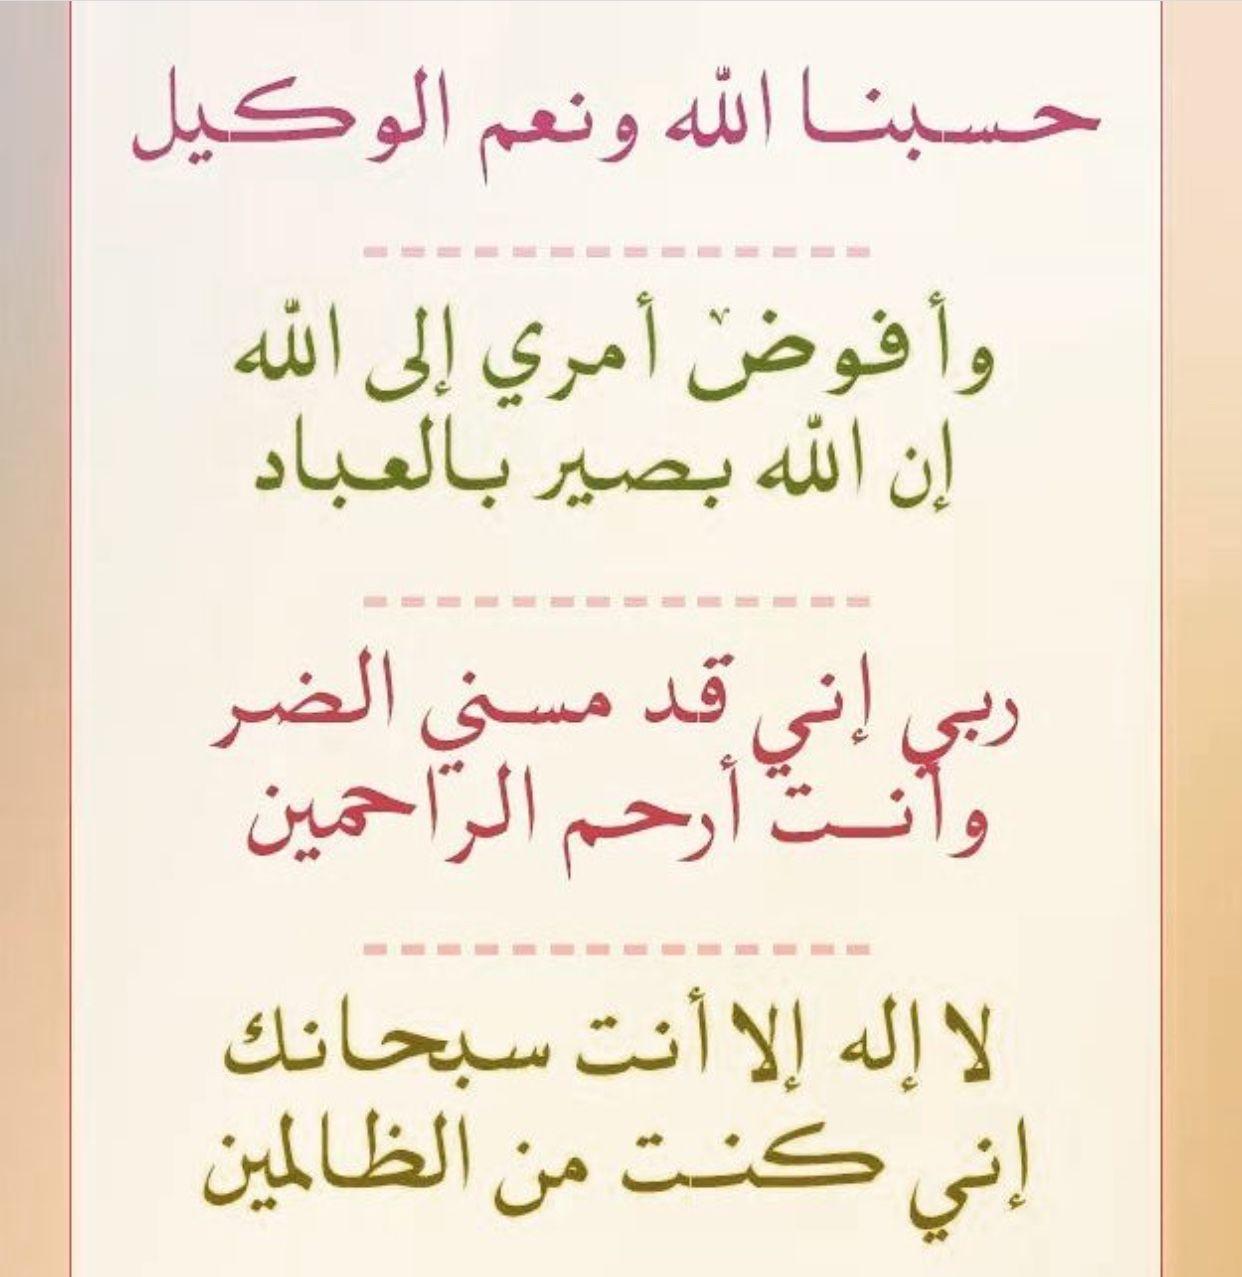 ادعية تفرج الهم والشده بإذن الله Arabic Calligraphy Pray Calligraphy